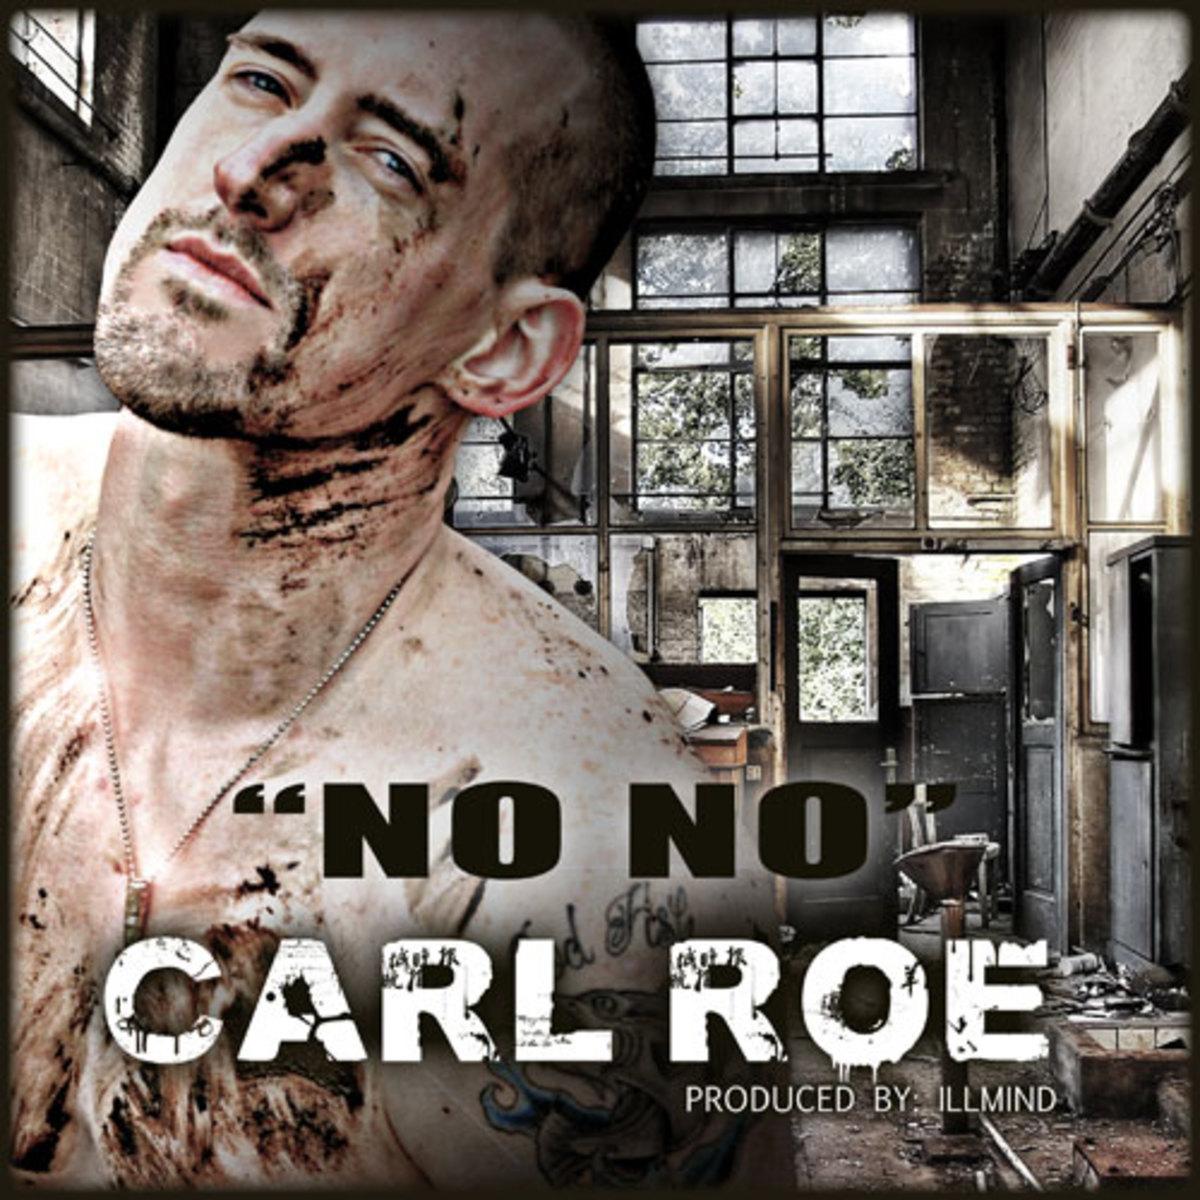 carlroe-nono.jpg